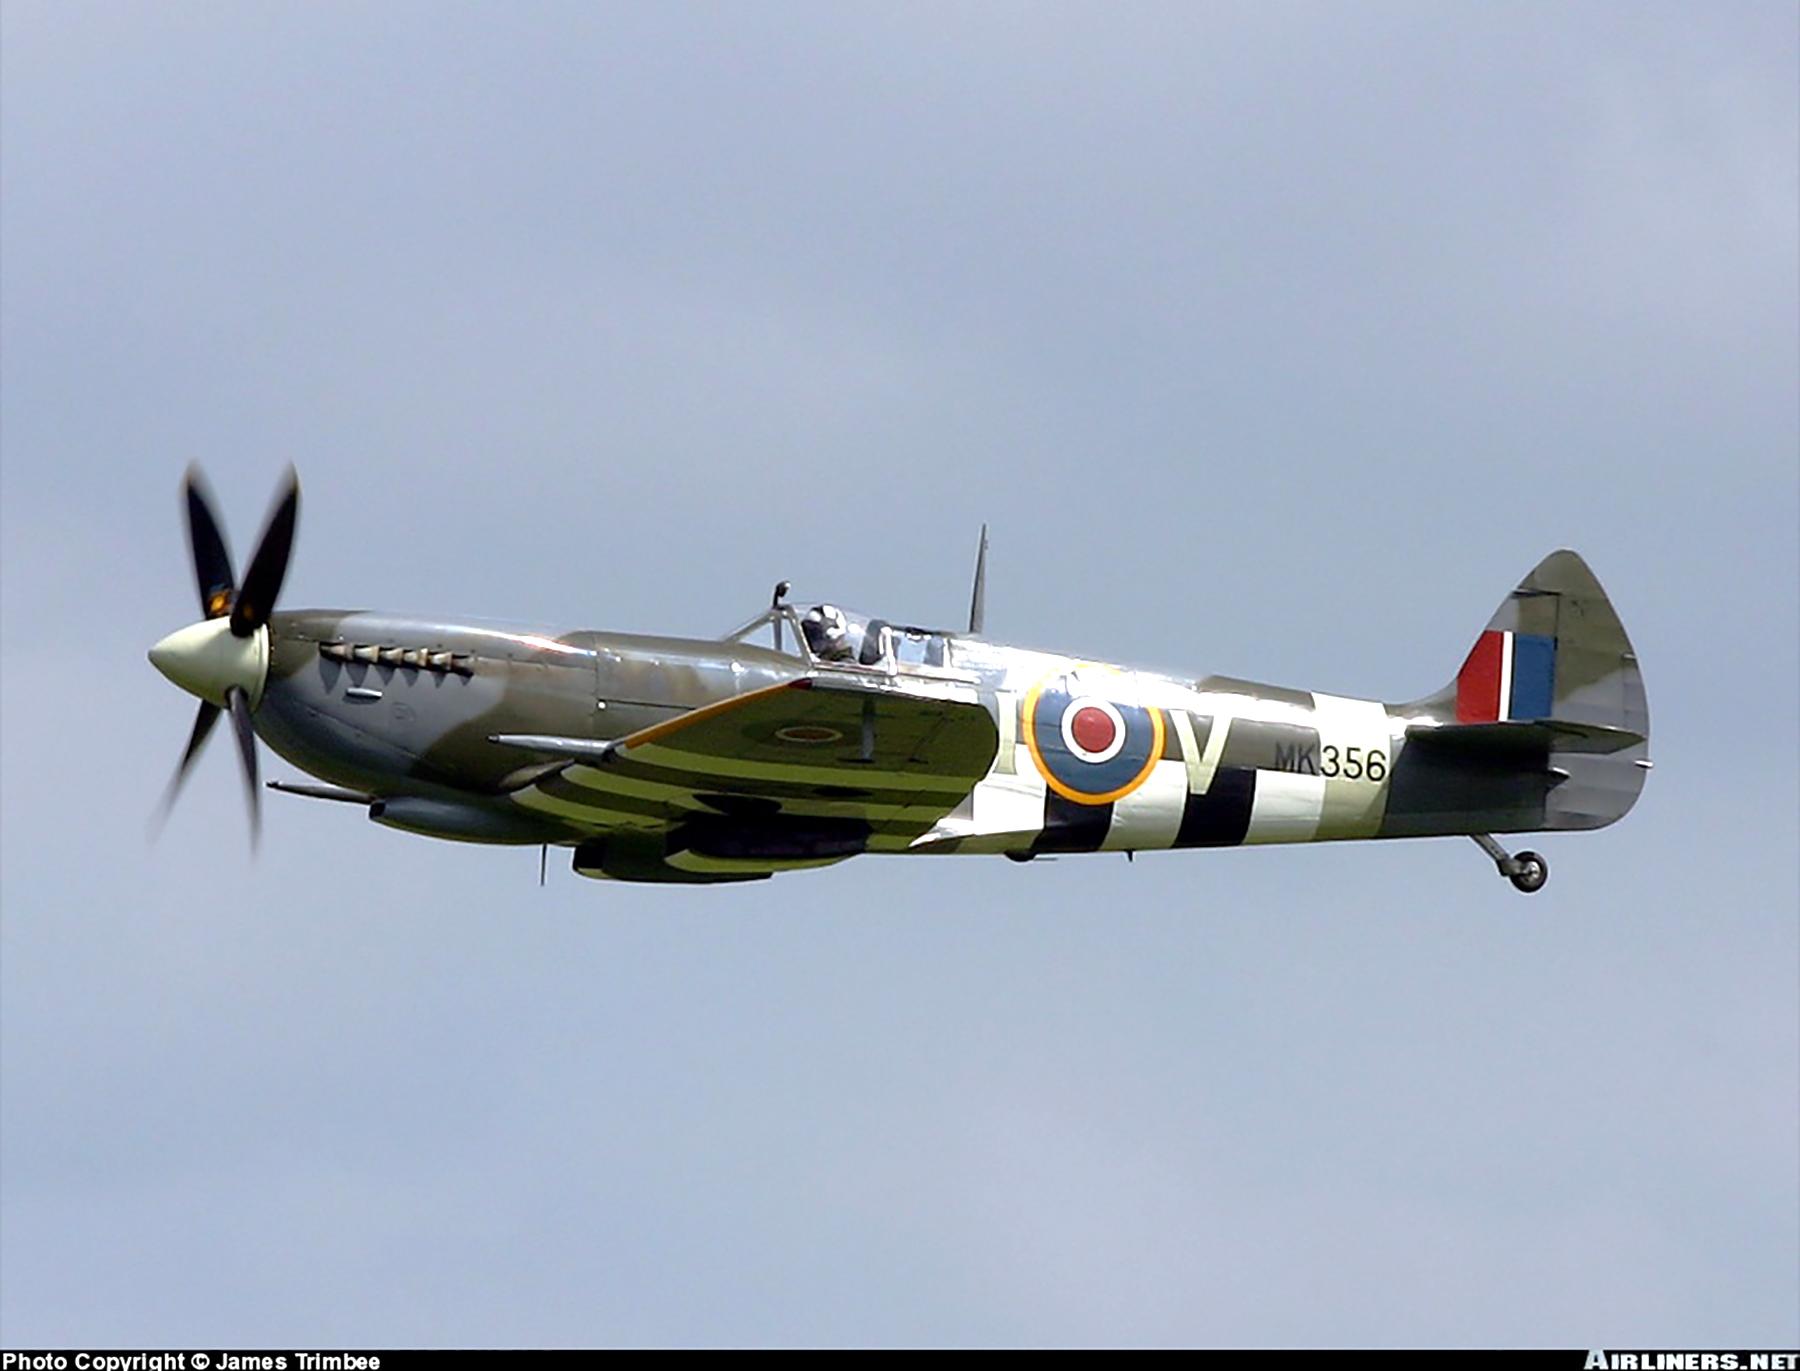 Airworthy Spitfire warbird MkIXe RCAF 443Sqn 2IV MK356 09